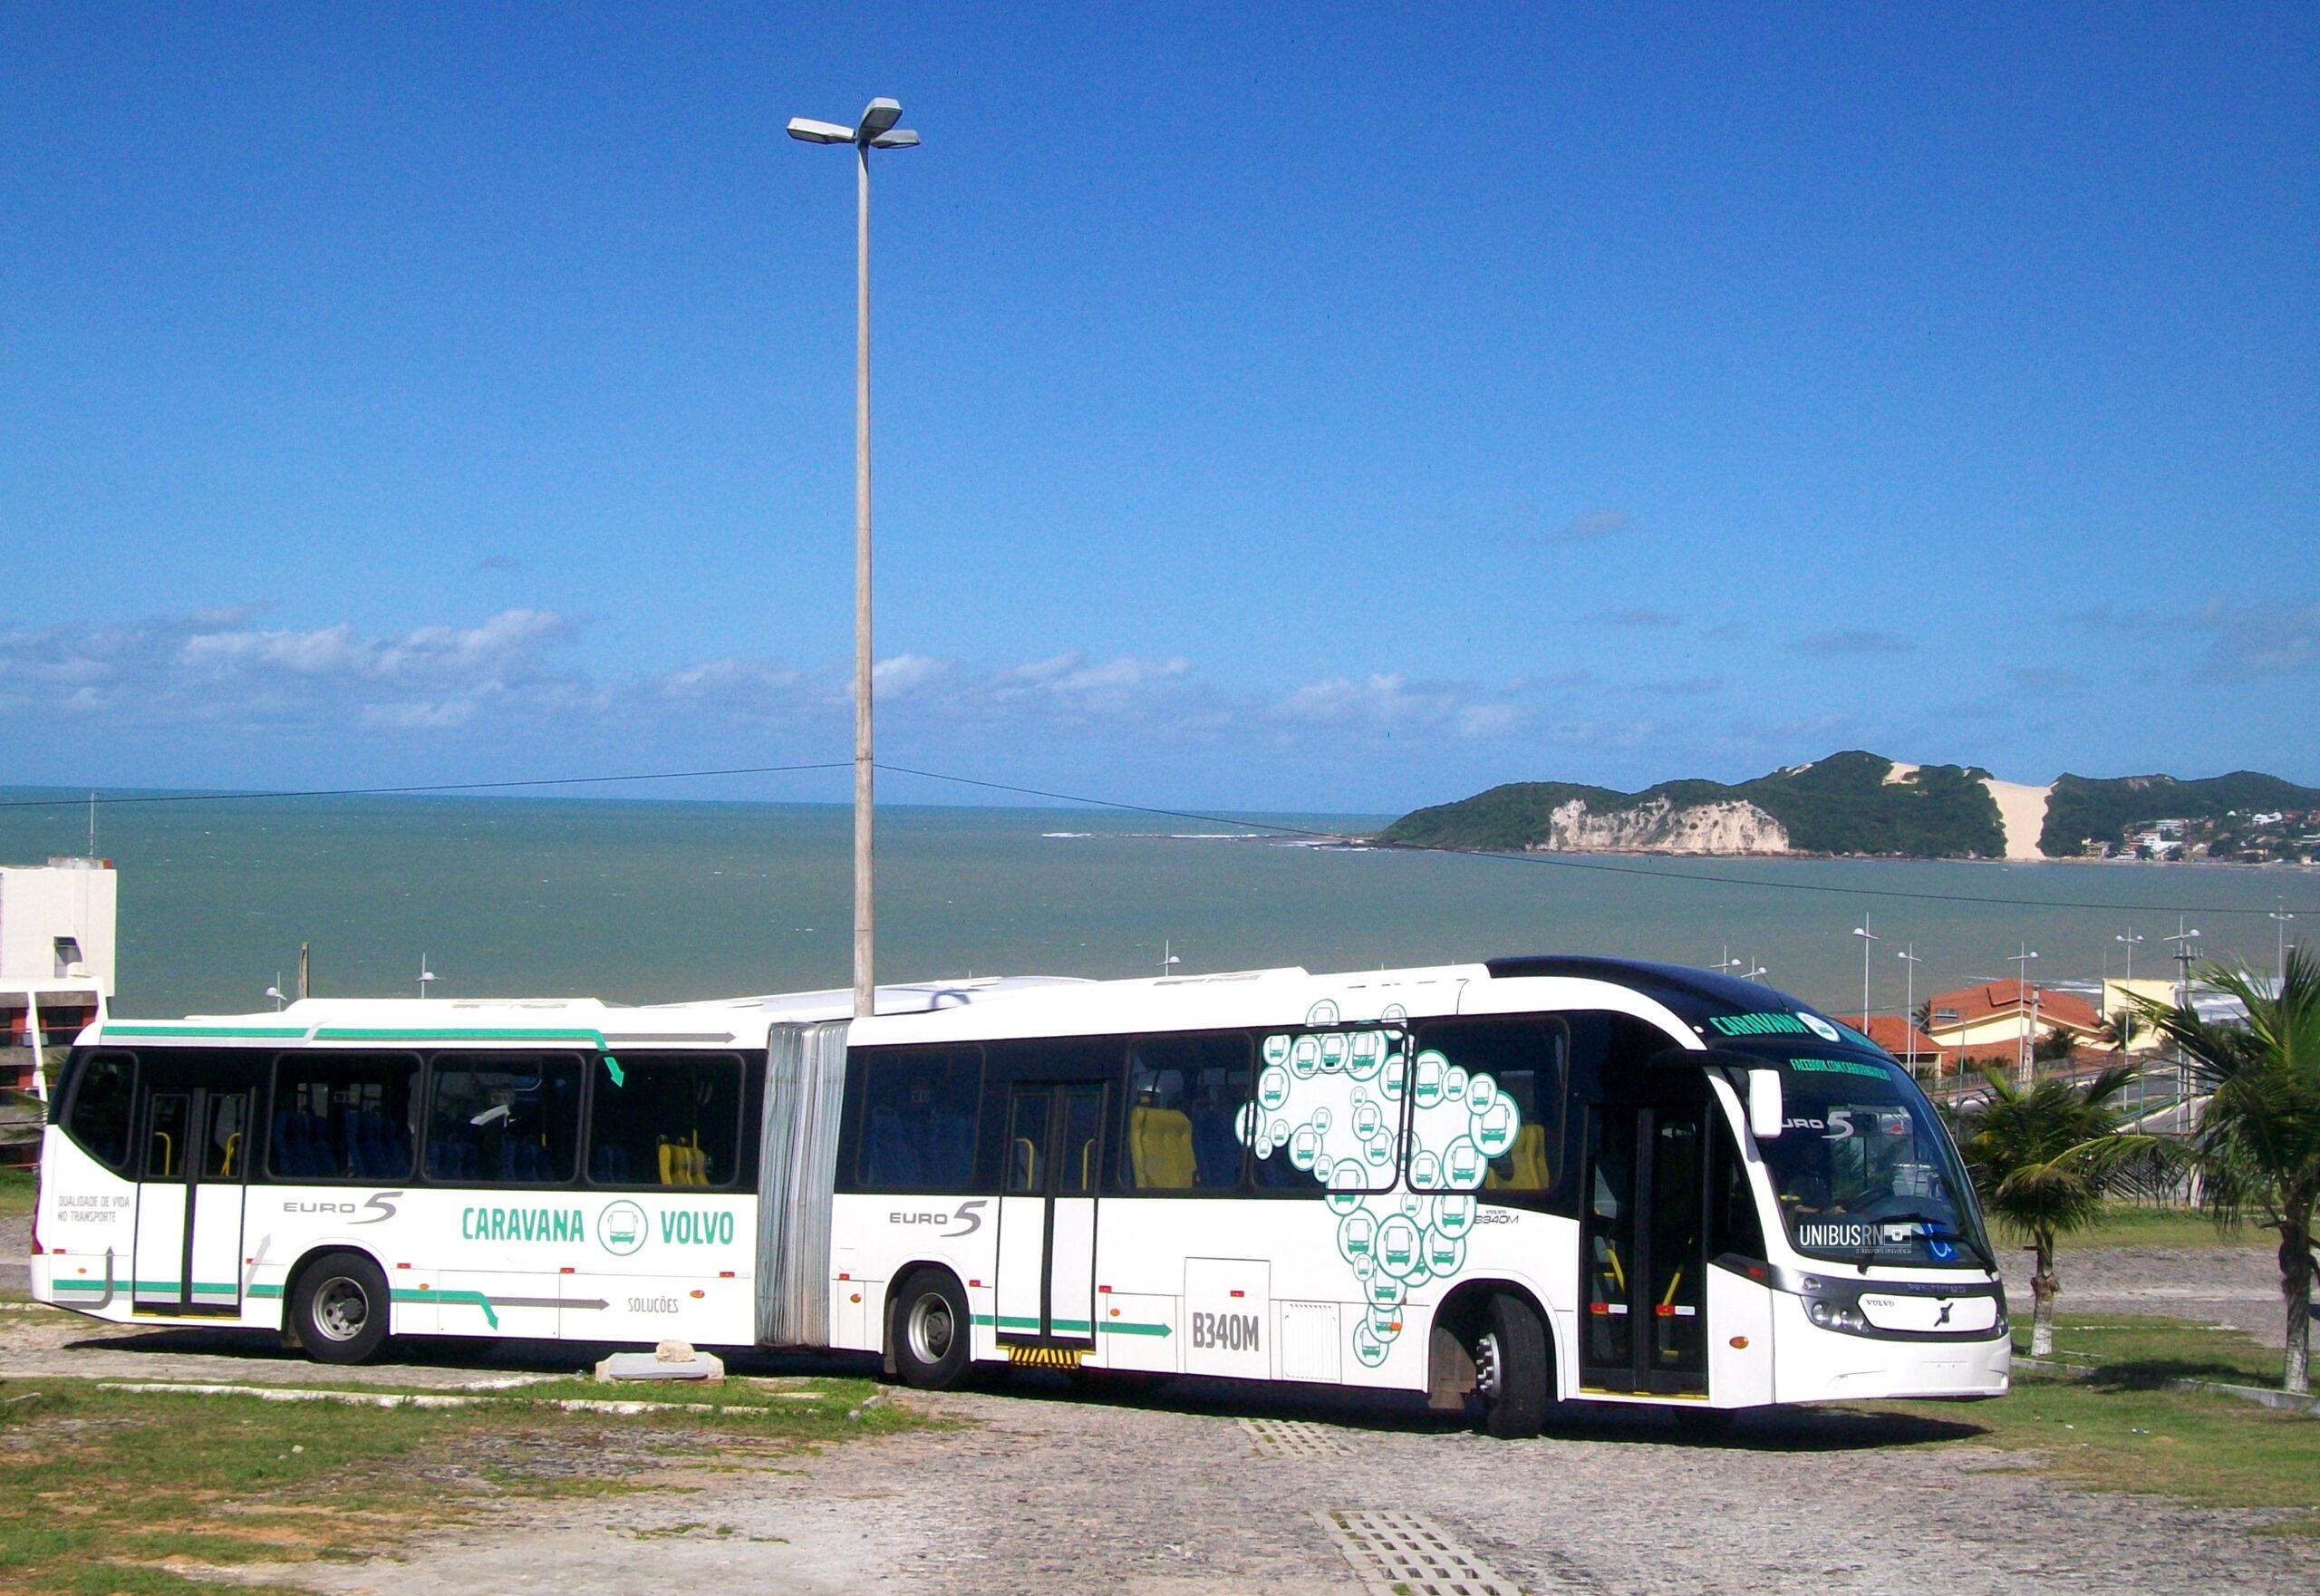 Volvo alcança marca de 100 concessionárias de caminhões e ônibus o País